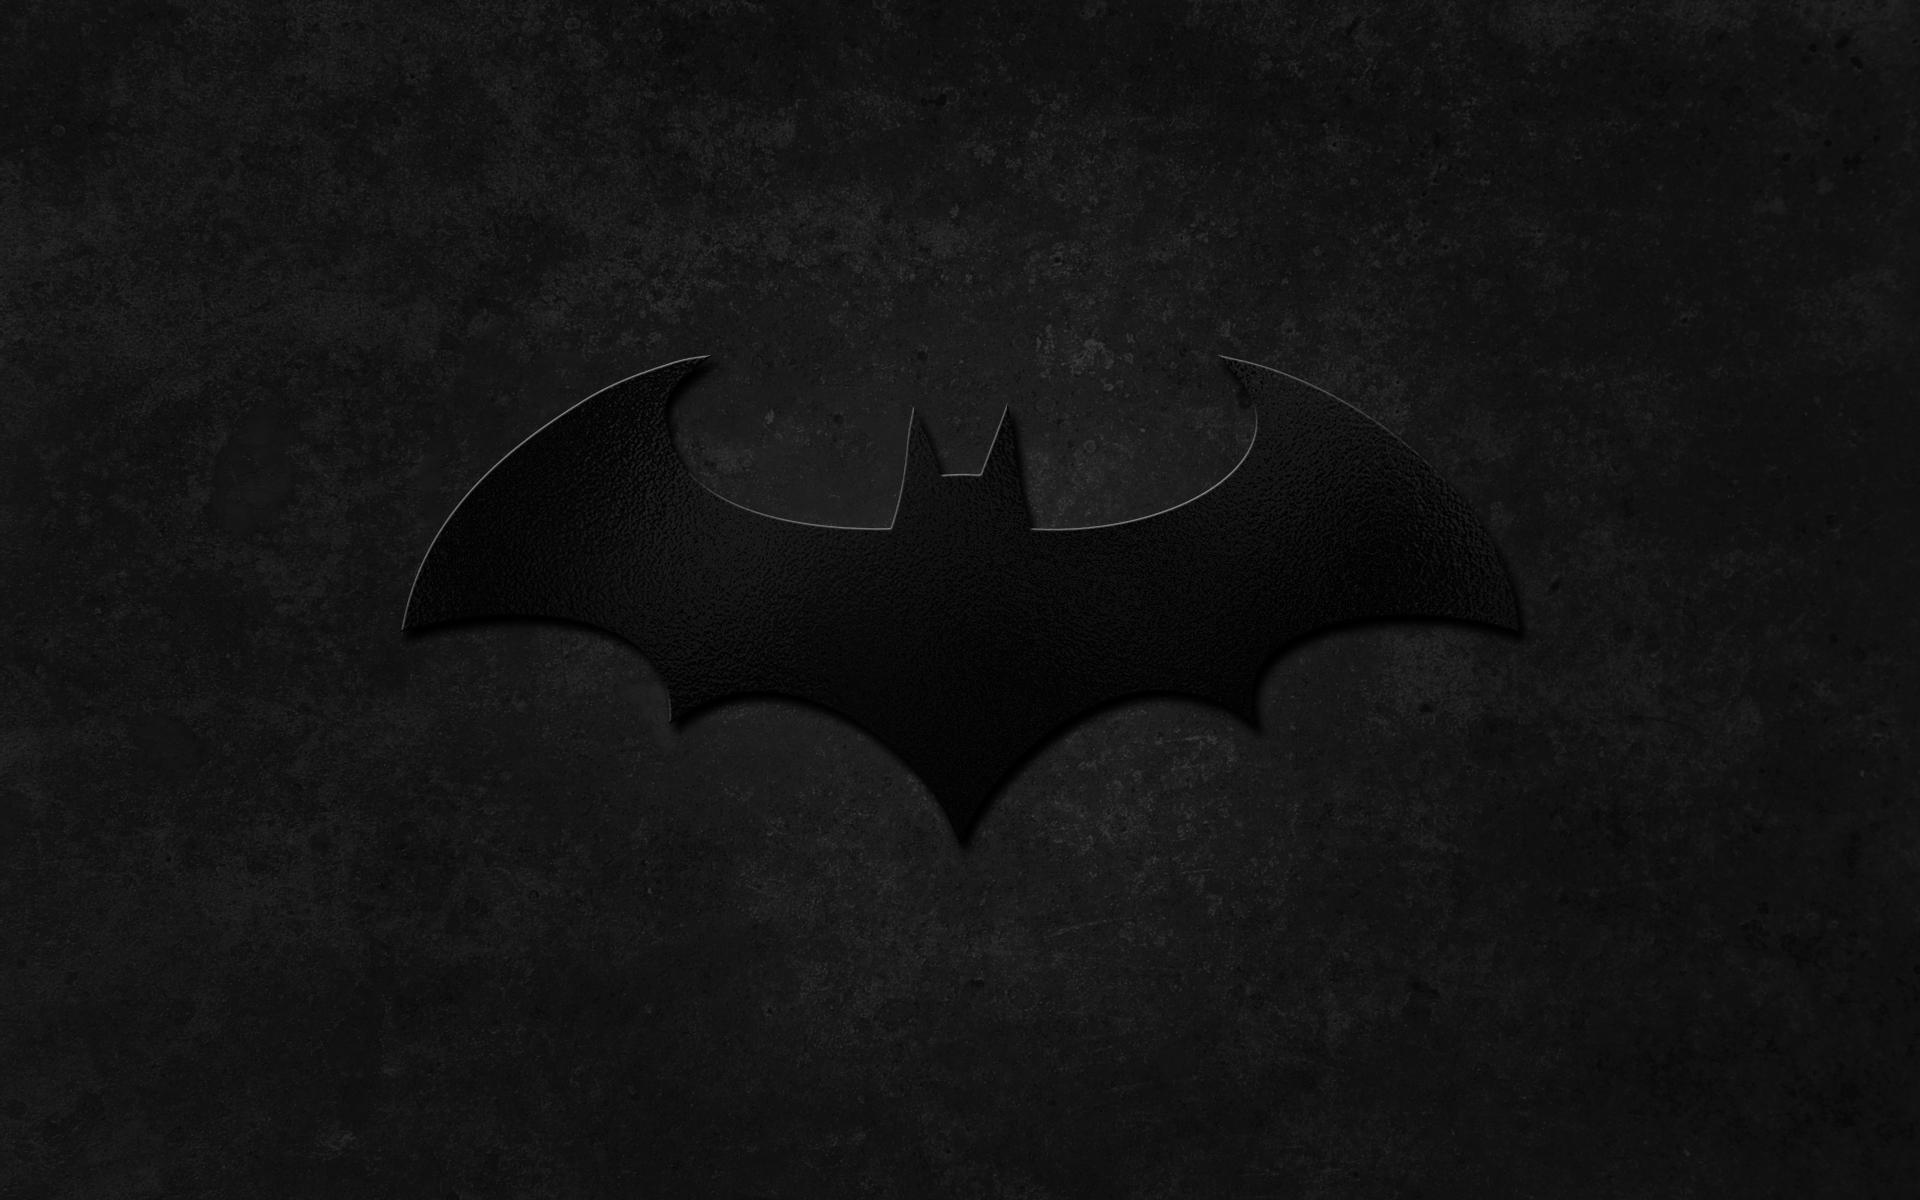 free batman logo wallpaper 31552